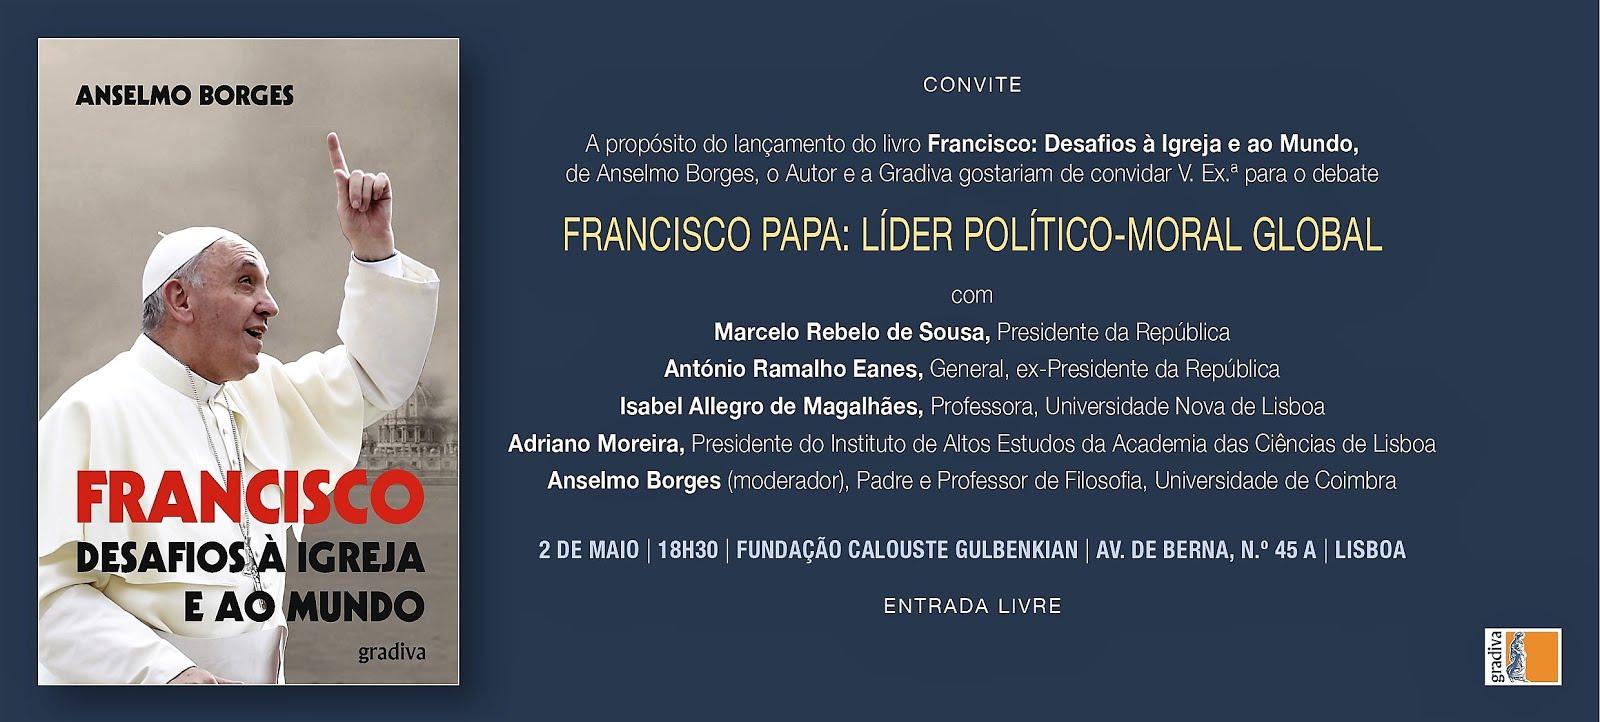 2 de maio: Lisboa (Fundação Calouste Gulbenkian)